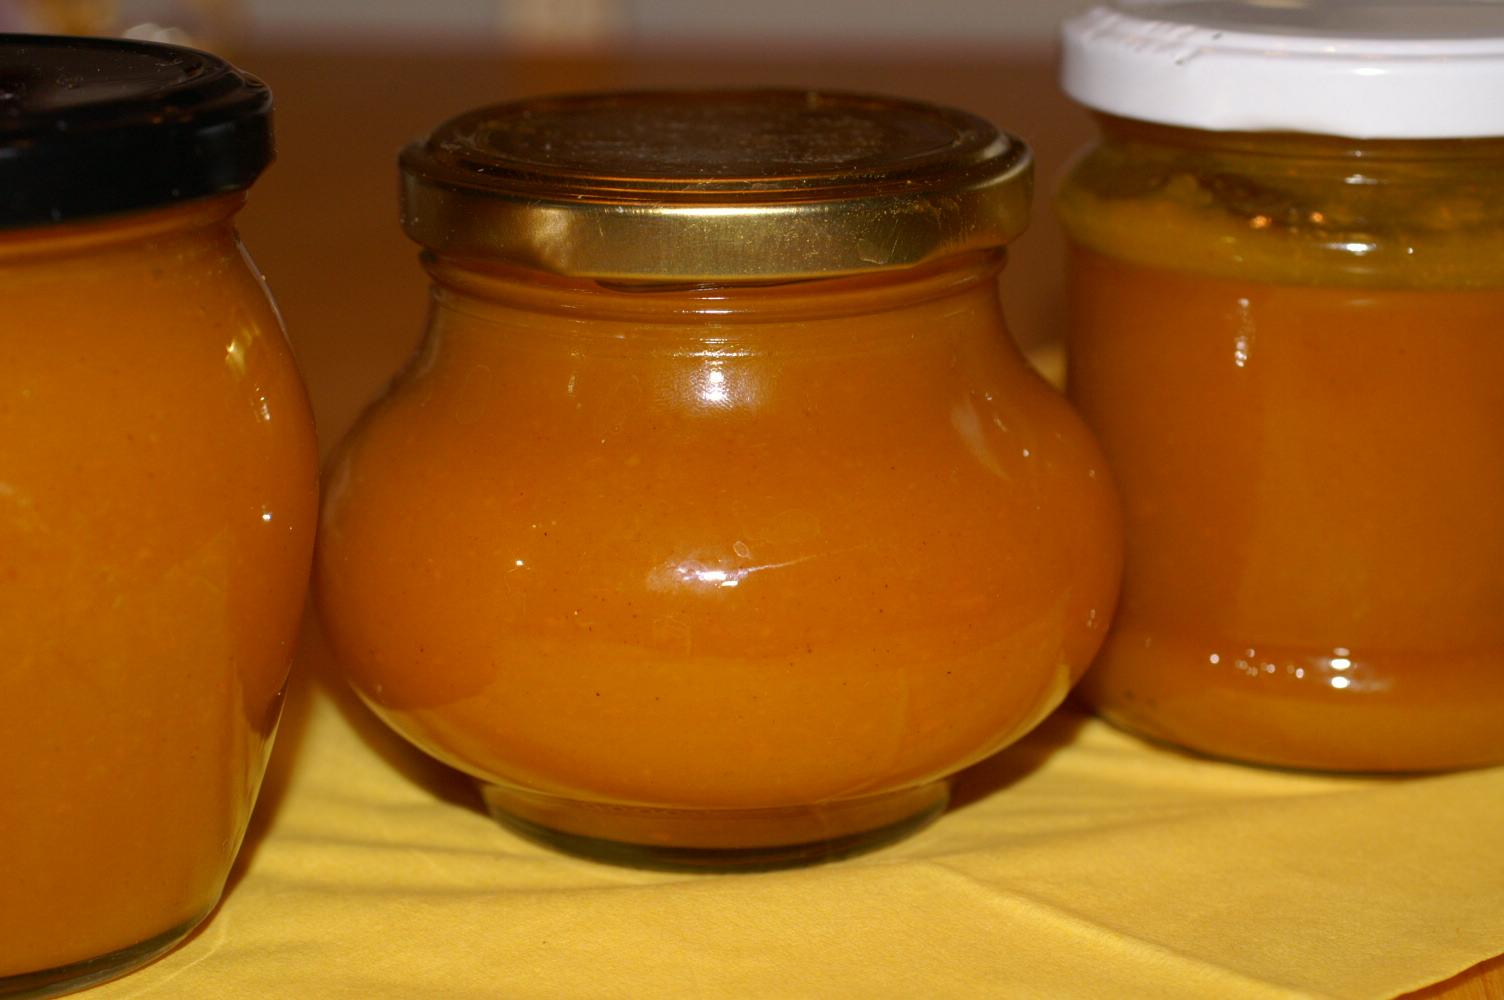 K rbis marmelade ehrlich und echt - Marmelade einkochen glaser ...